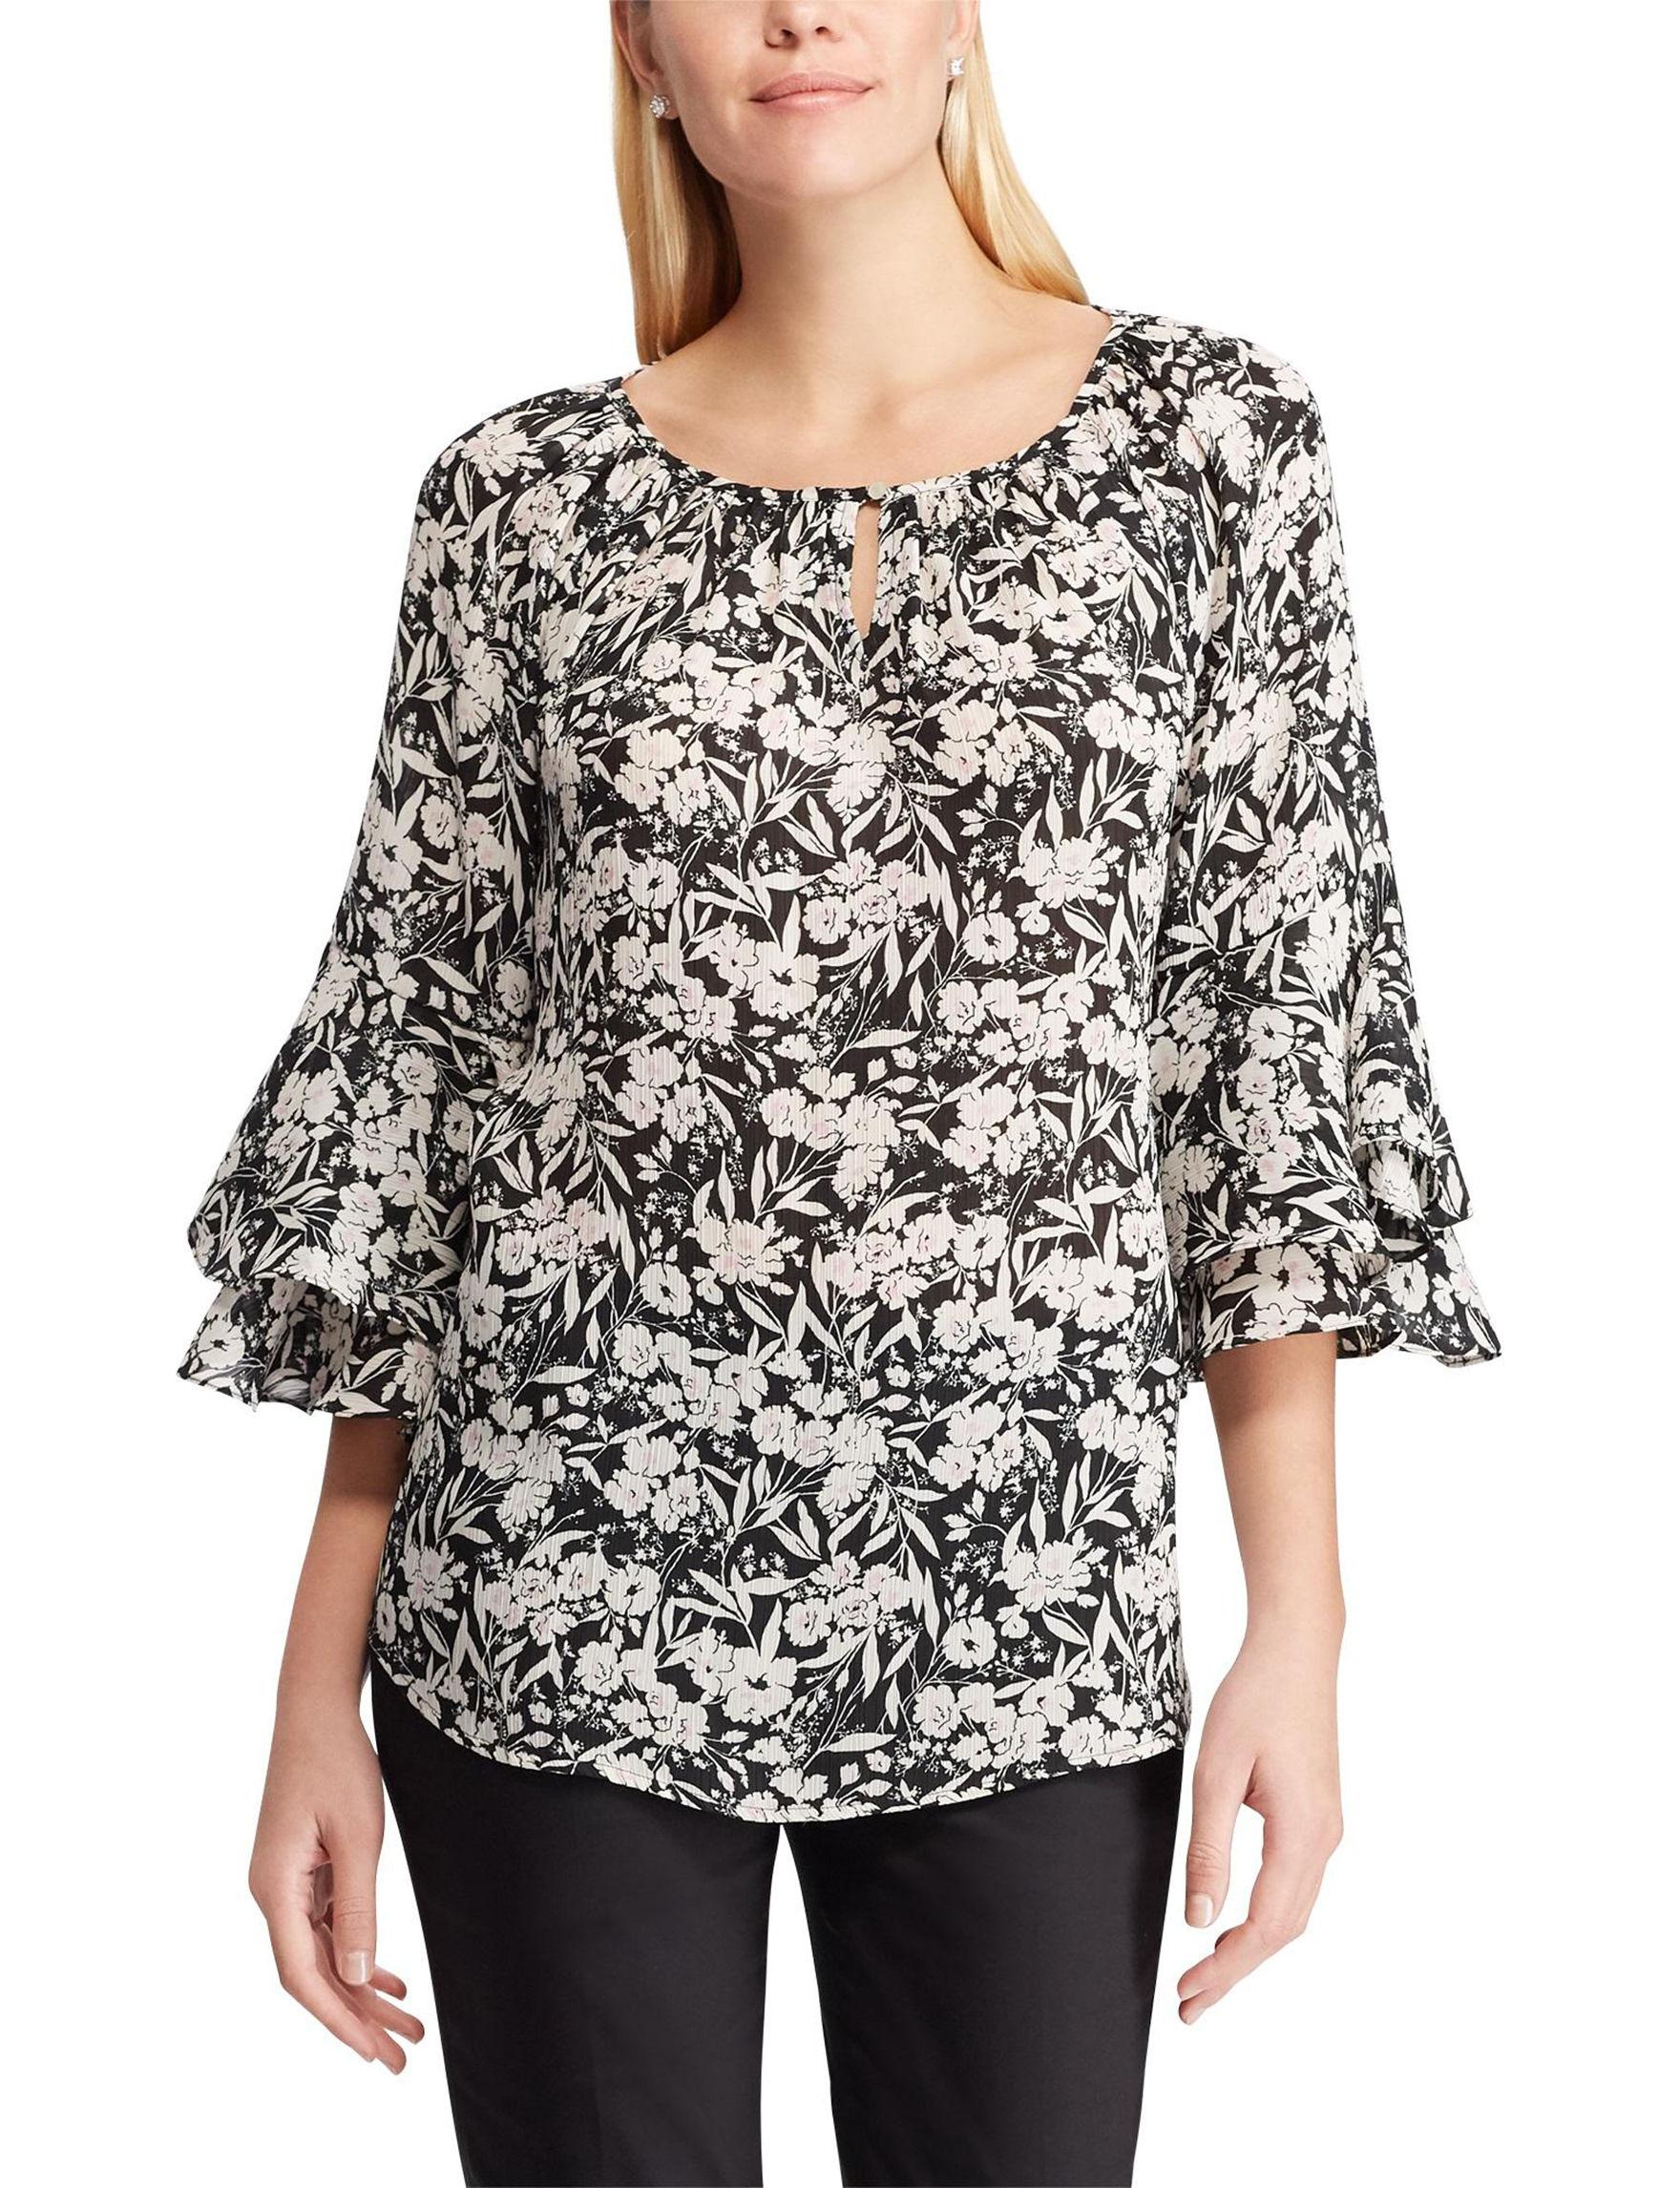 Chaps Black / Beige Shirts & Blouses